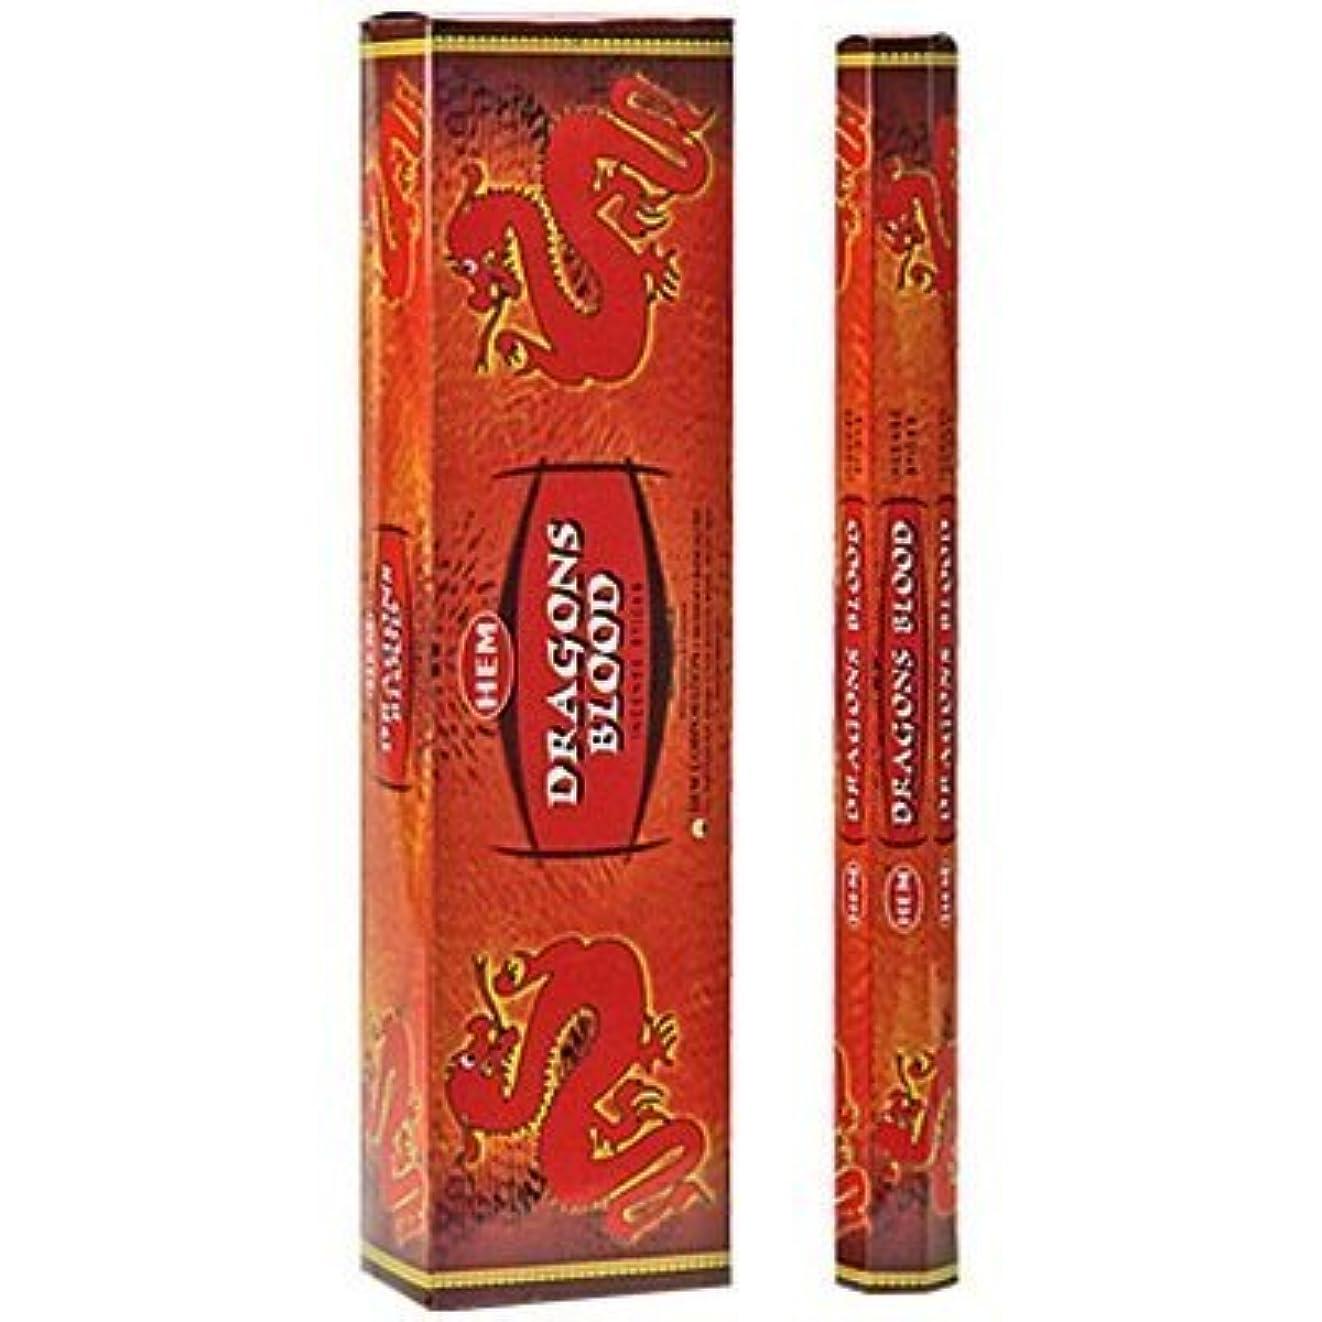 生物学ベールインタネットを見るDragon Blood 16 Inches Tall – 60ジャンボSticksボックス – 裾Incense